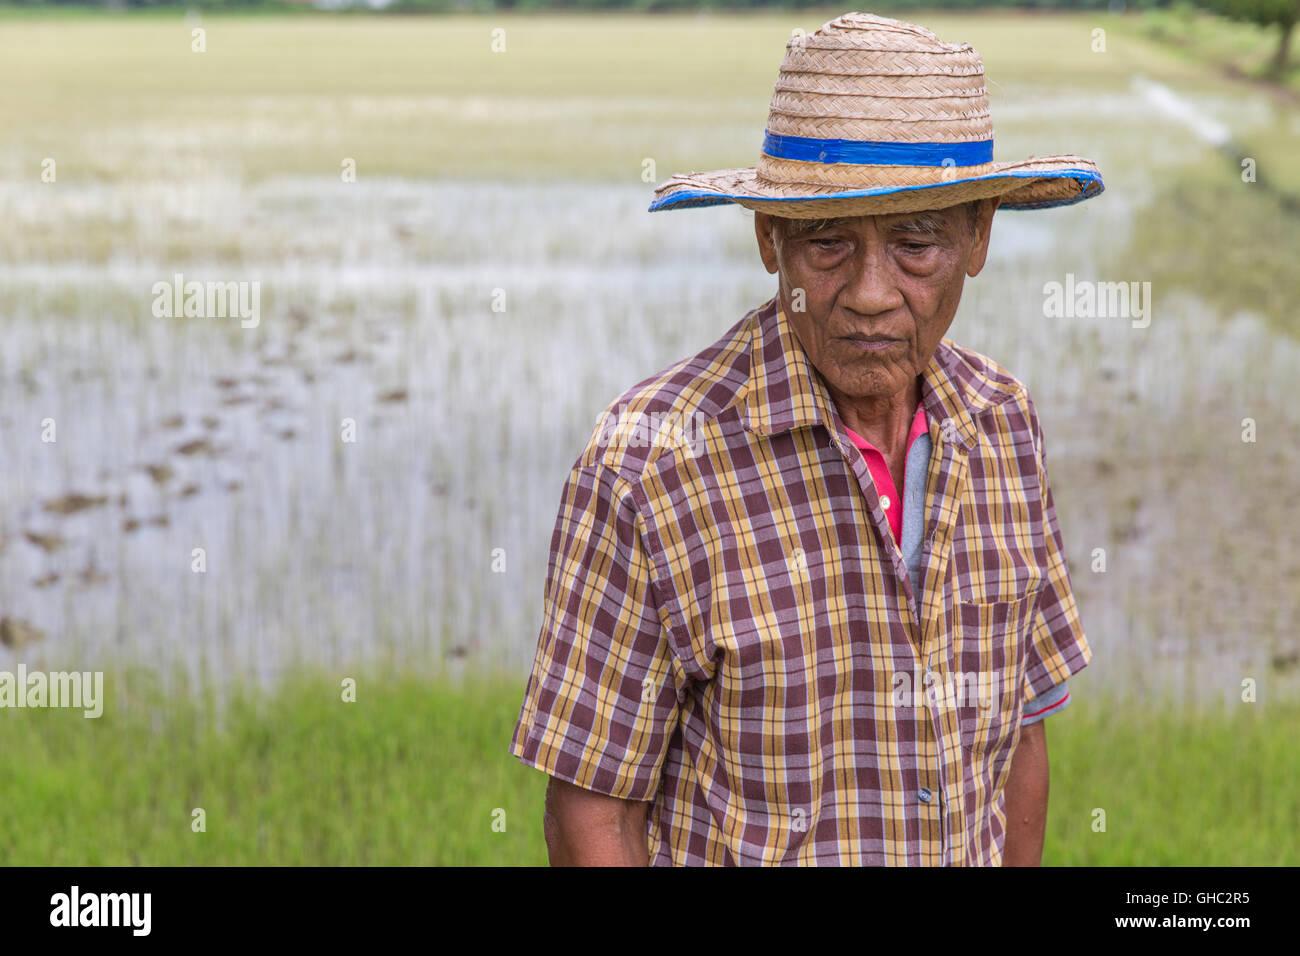 Anciano agricultor de arroz tailandés con sombrero y mirando hacia abajo con un arrozal en el fondo Imagen De Stock